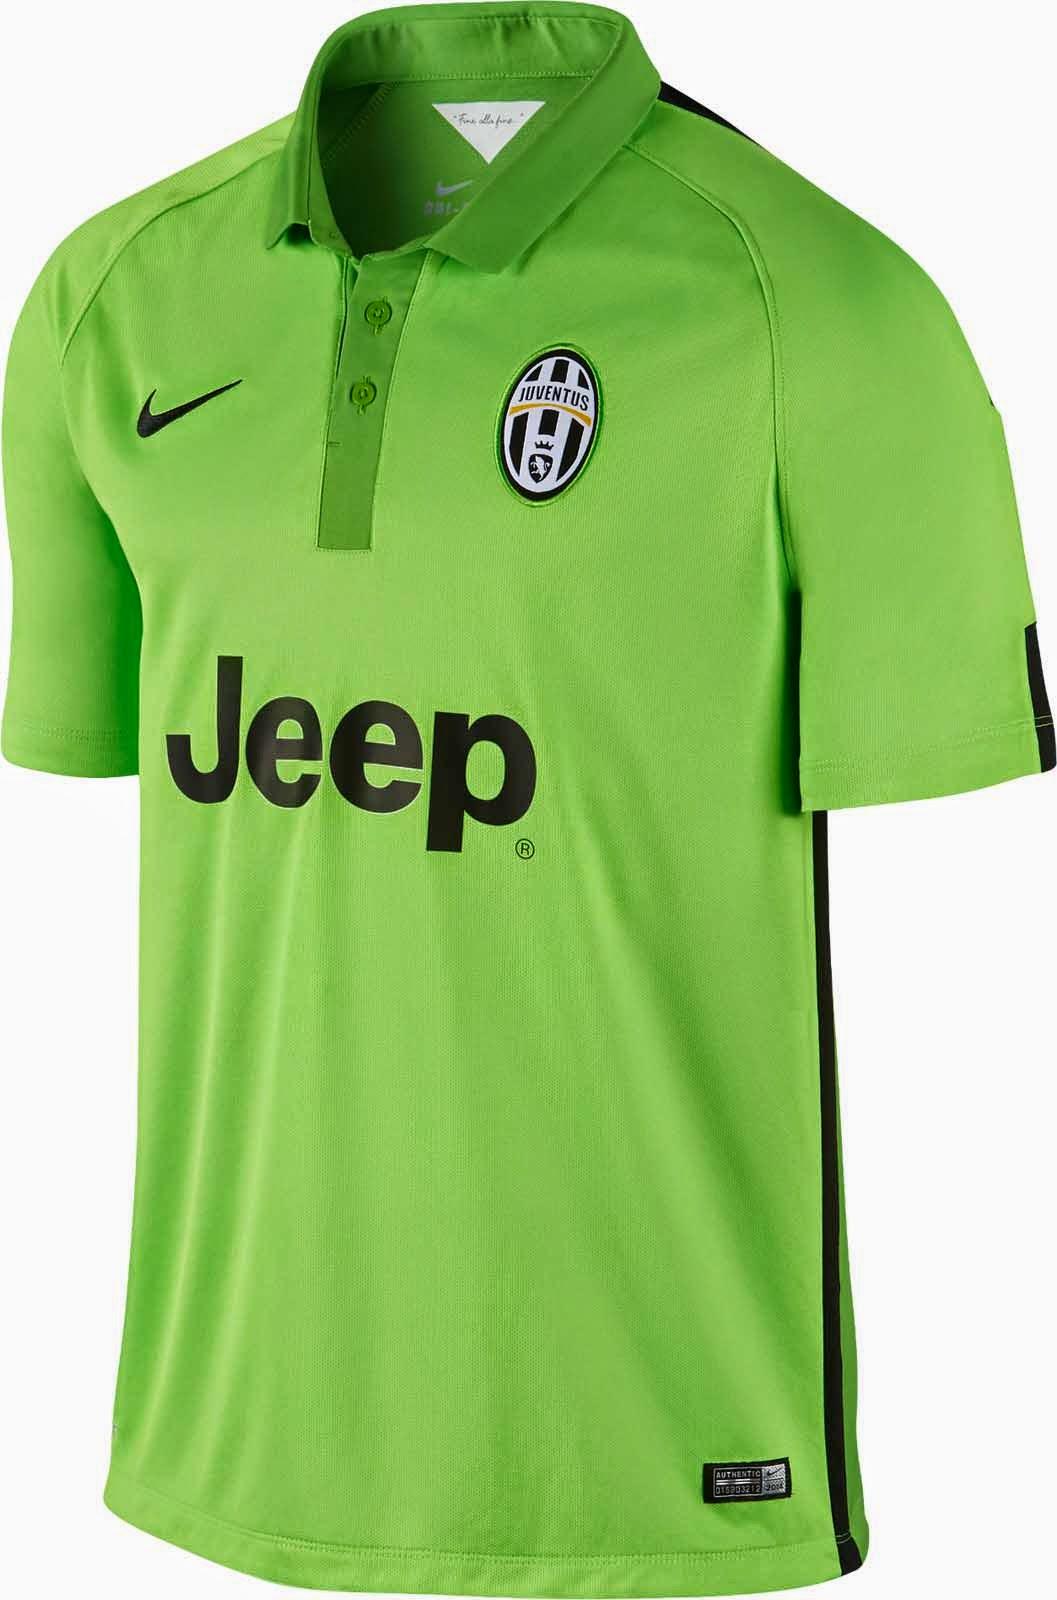 Jersey Juventus Third 2015